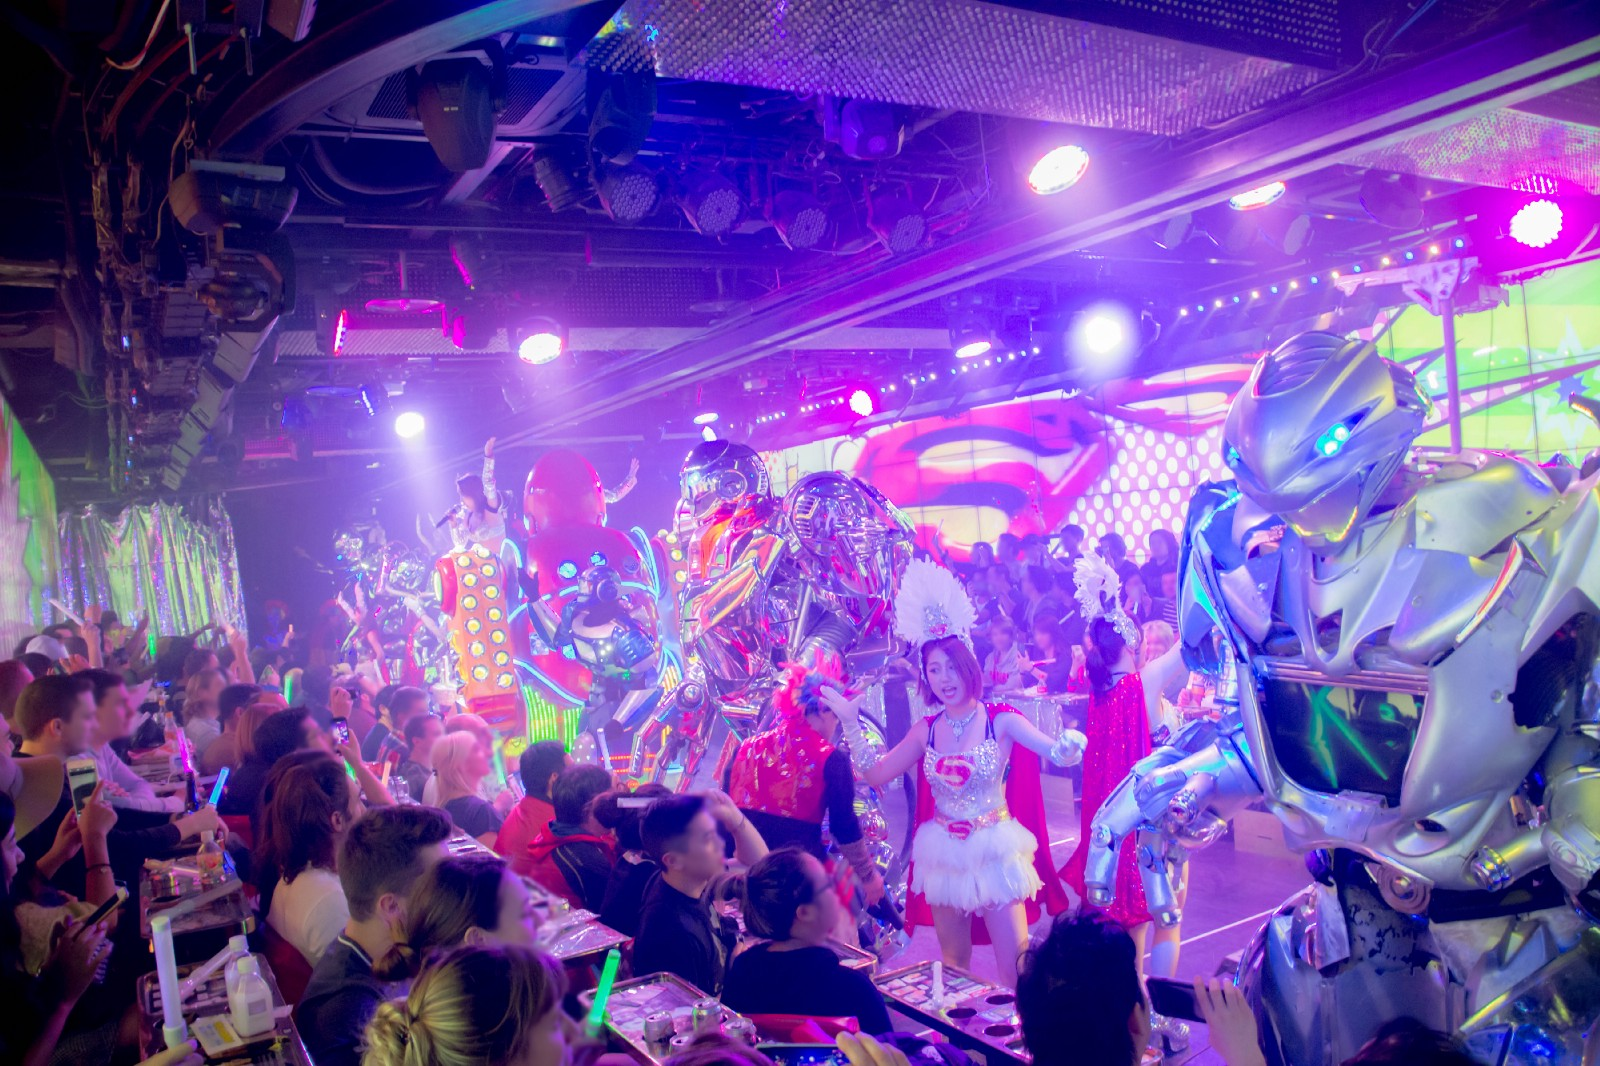 Robot Restaurant Shinjuku Tokyo : Get up to 34% Discount Tickets! 2020